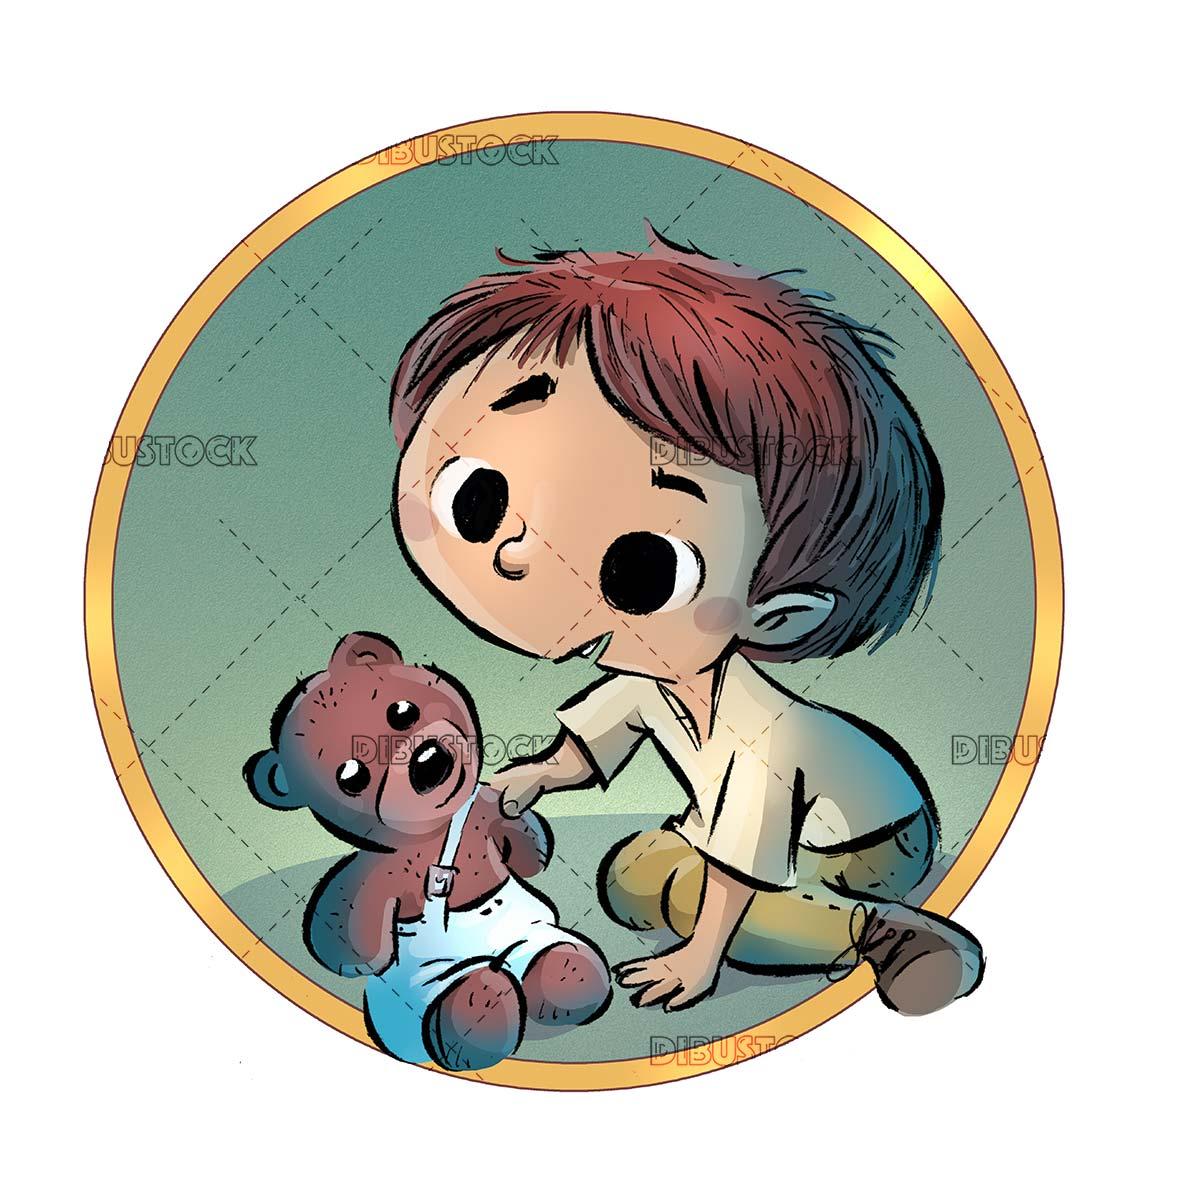 boy with teddy bear in a circle